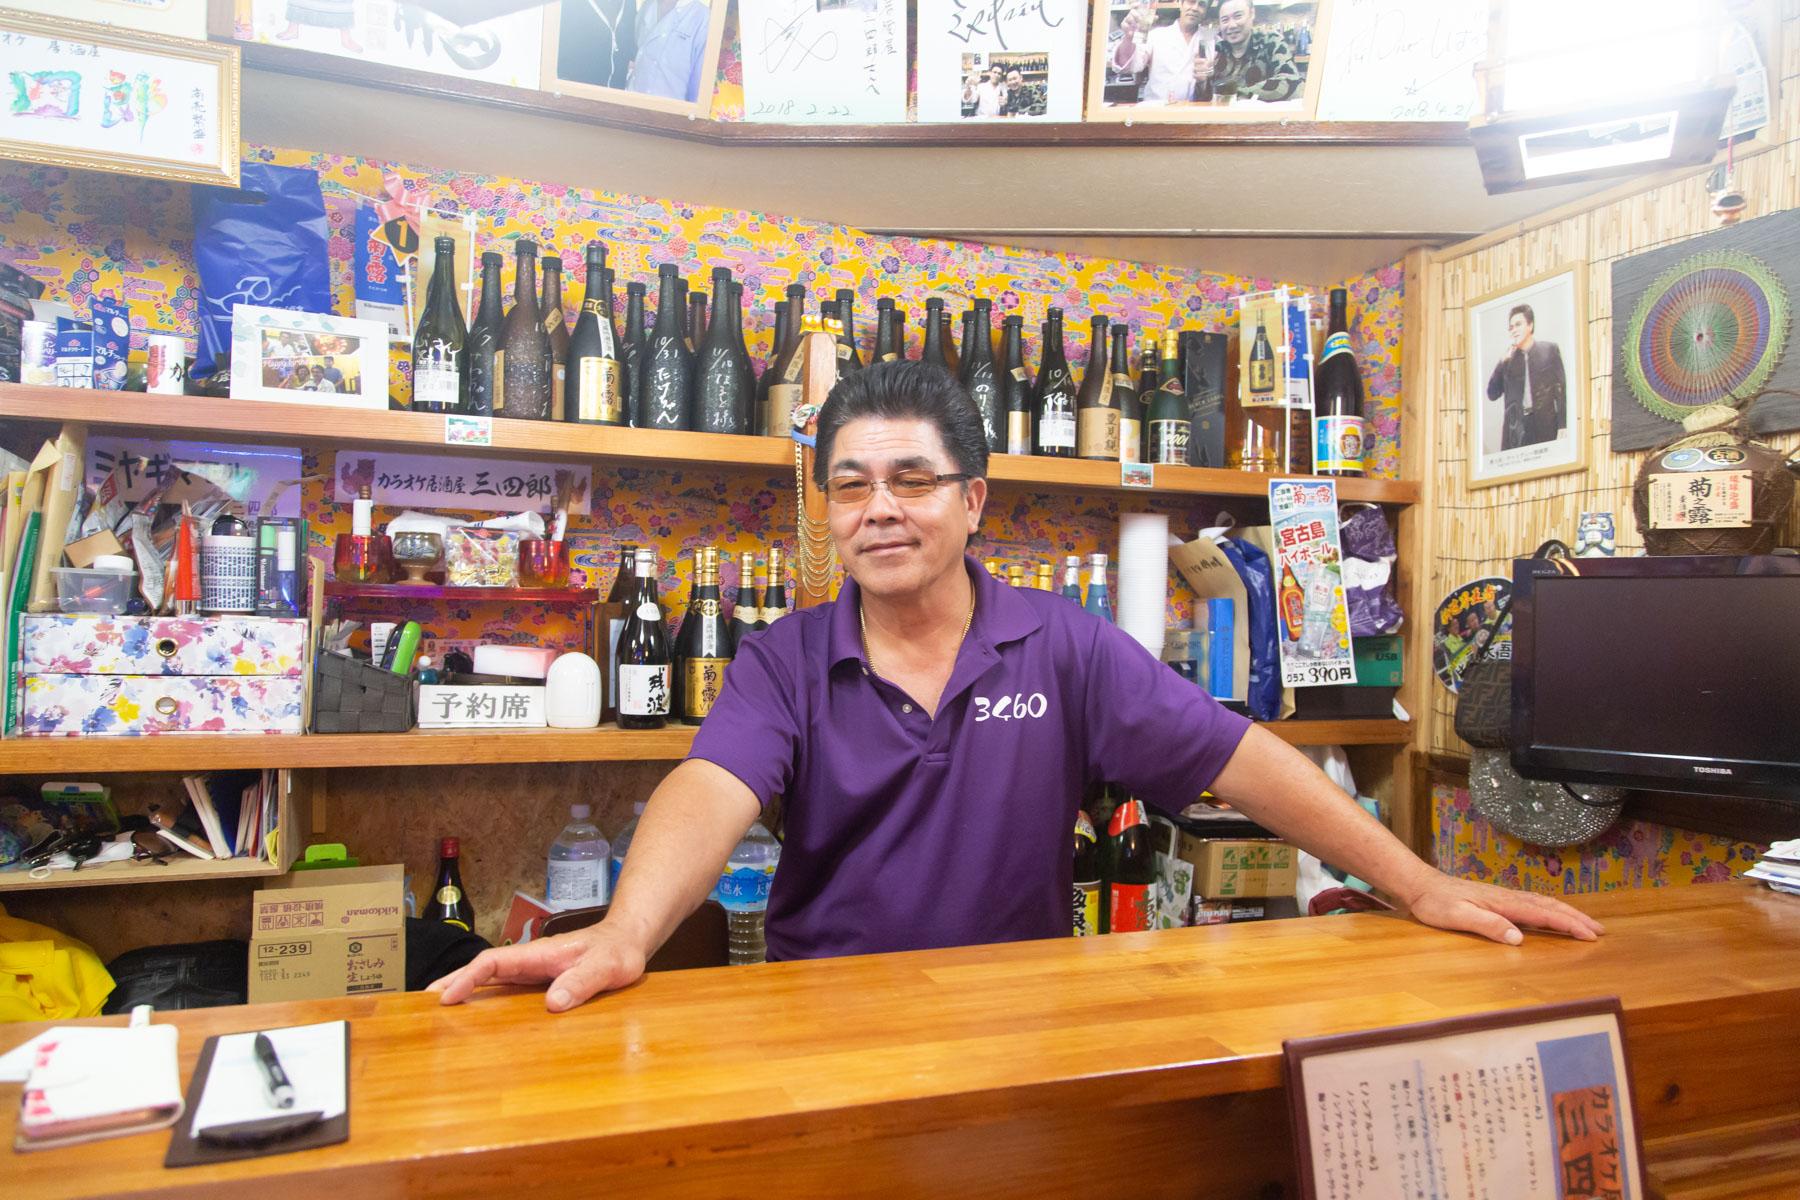 【理想通貨】使えるお店のご紹介 居酒屋「三四郎」さん